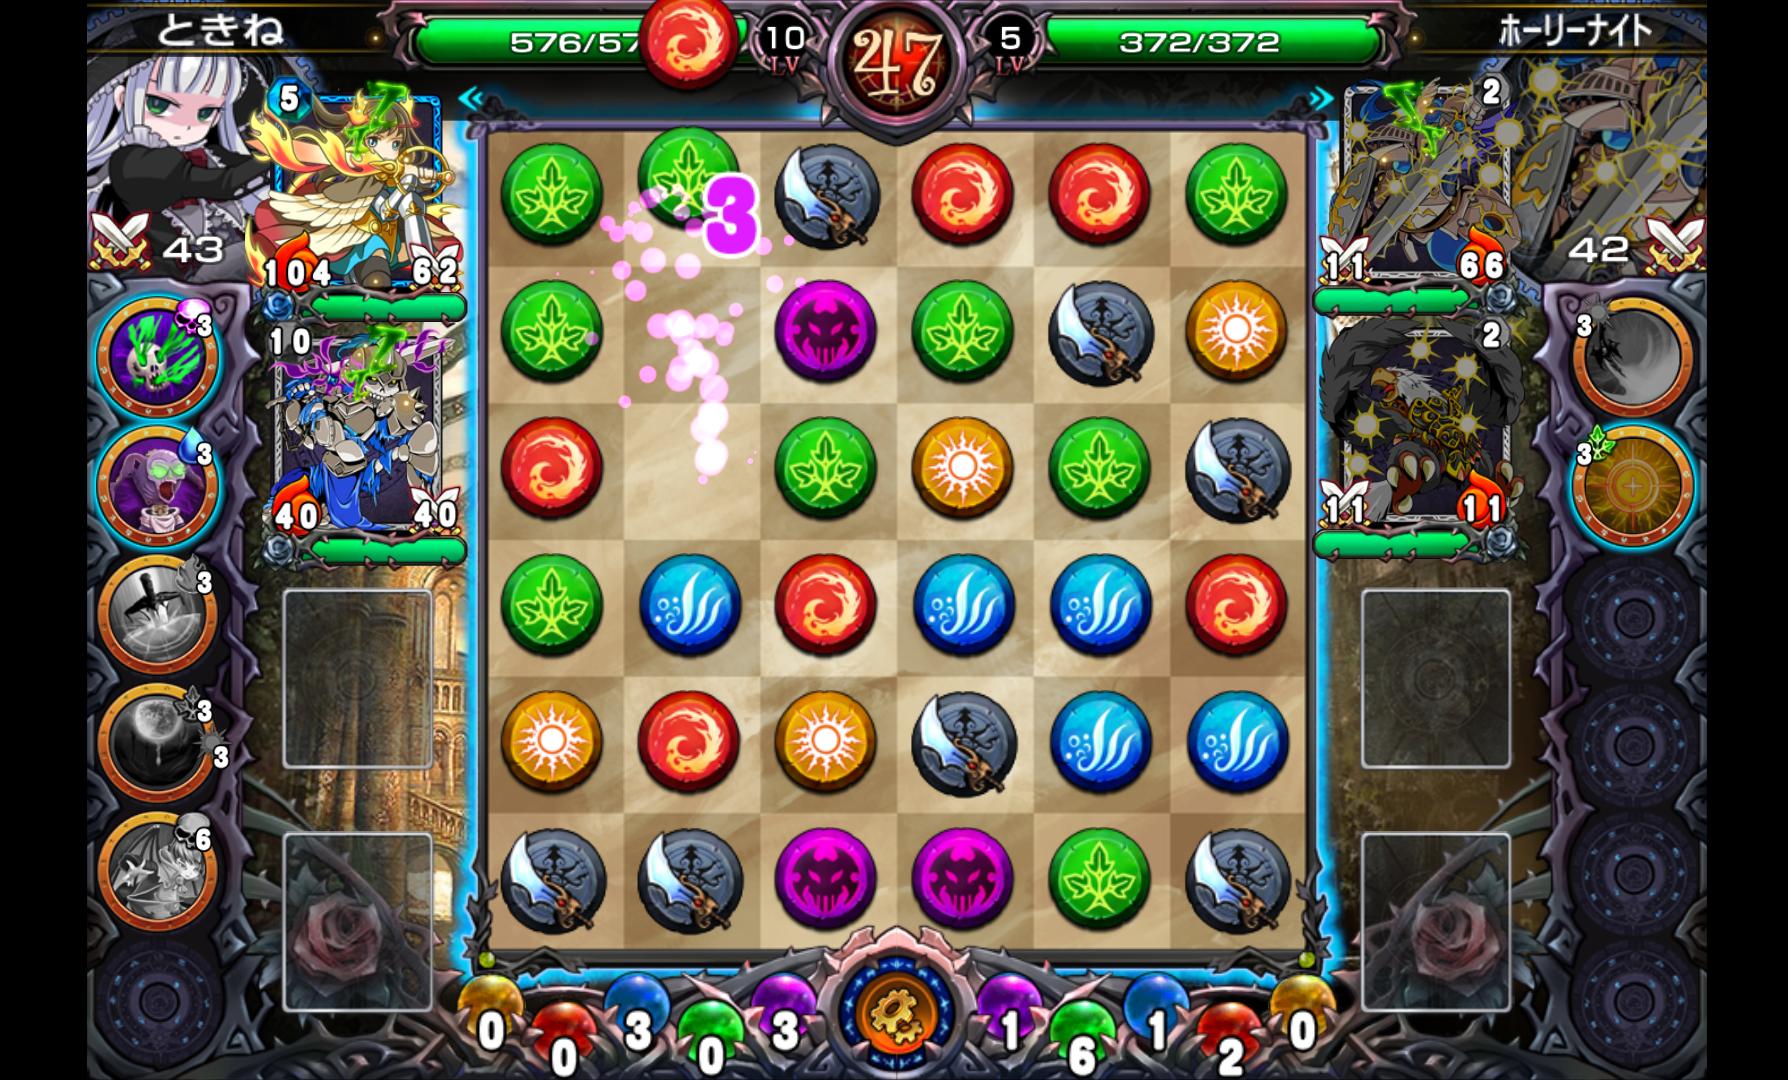 オルタナマジック - バベルの塔 androidアプリスクリーンショット1